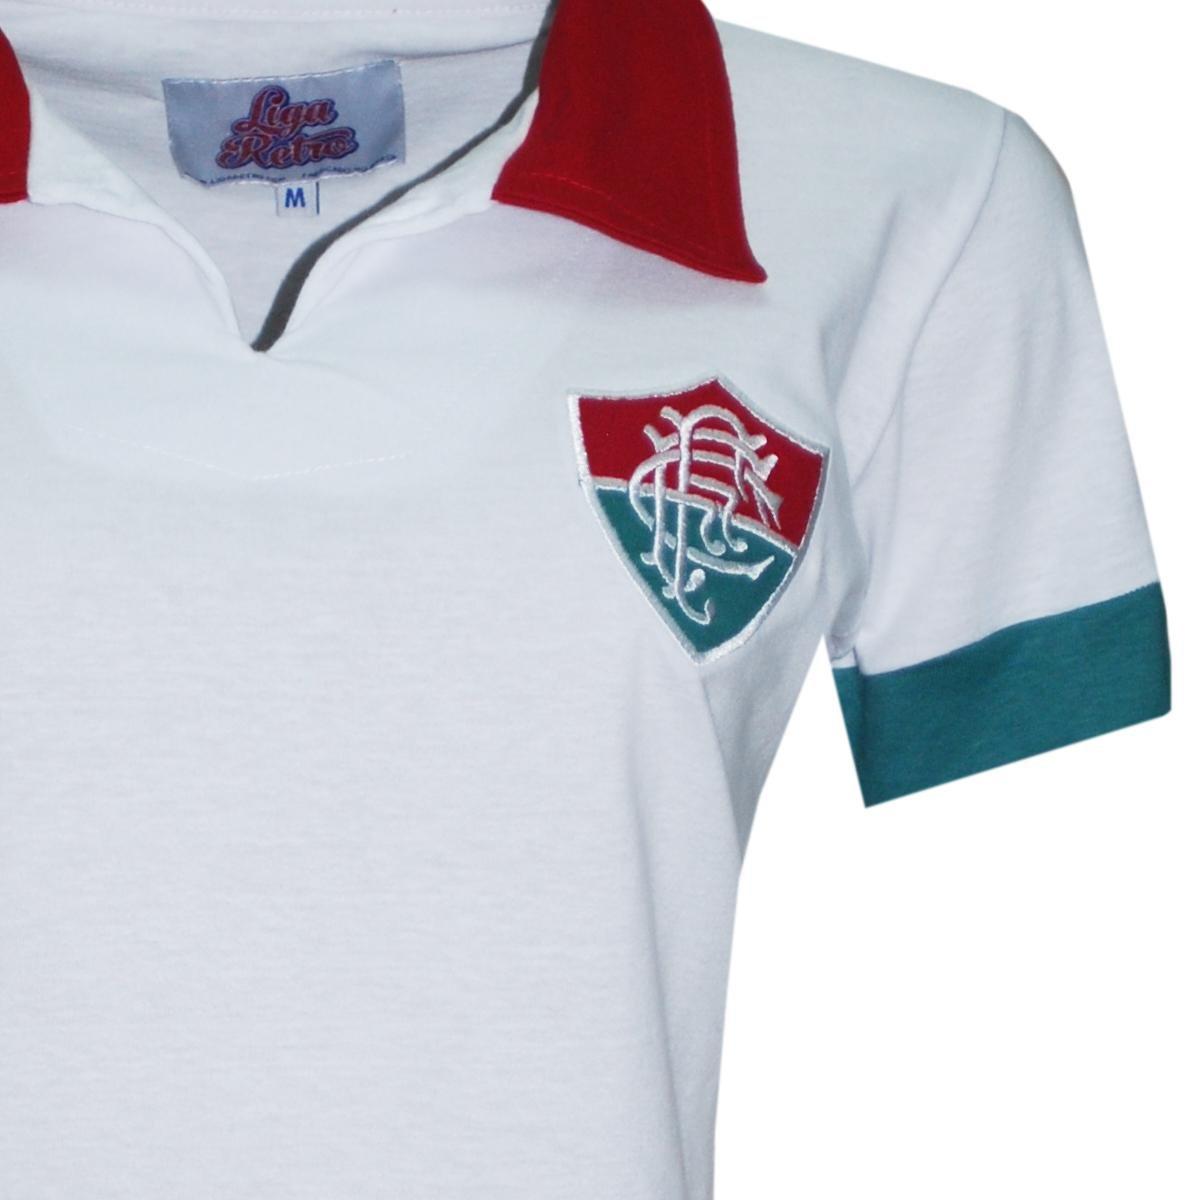 0baf32a1b7 Casmisa Polo Liga Retrô Fluminense 1964 Feminino - Compre Agora ...